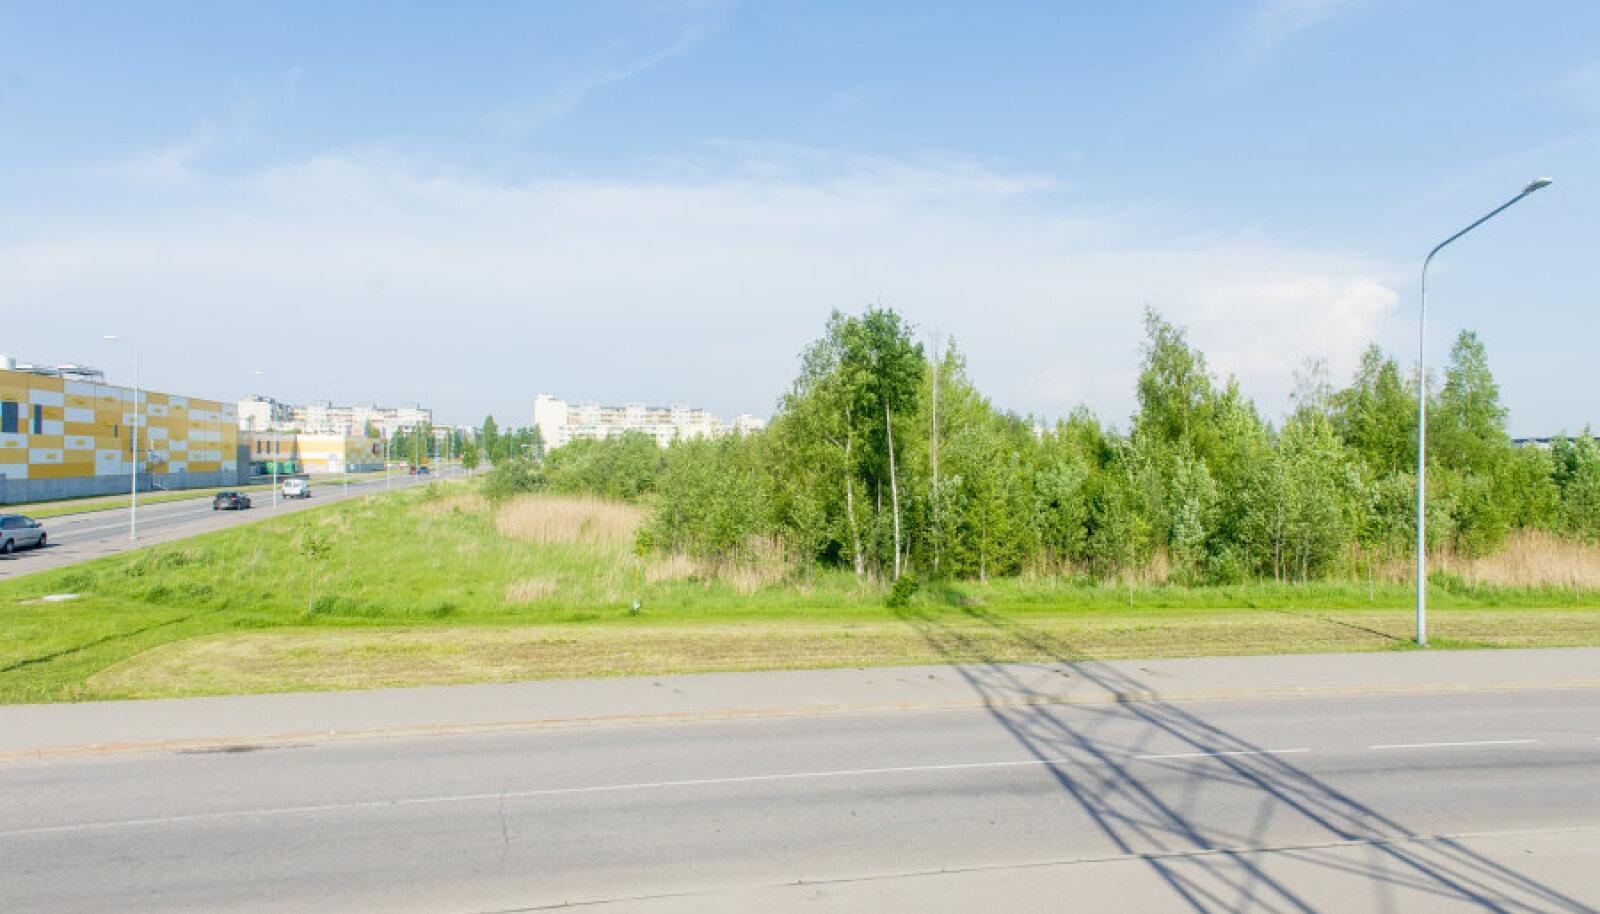 Toppama jäänud Tallink City asukohal kasvab tihe võsa. Samas sõnab ekspert, et sellist keskust tasuks rajada just Lasnamäele.